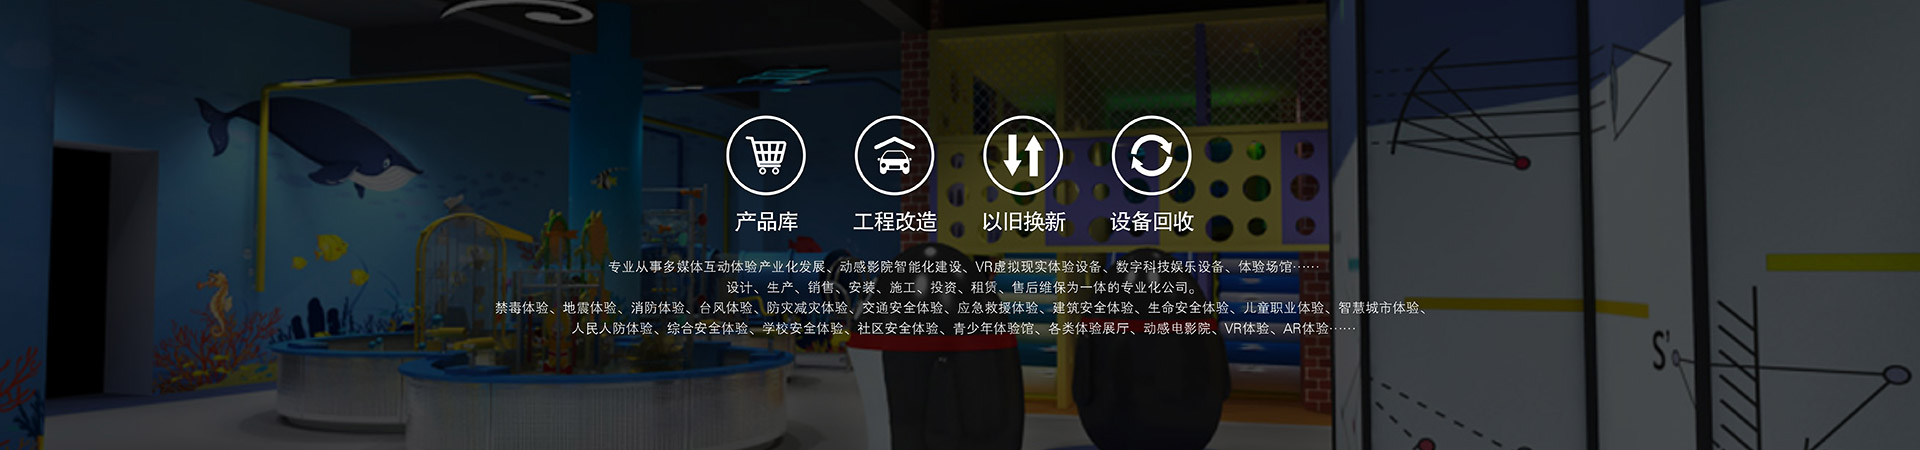 安全体验地面互动,安全体验体感互动系统,安全体验虚拟踩单车,安全体验体感漫游,安全体验感应互动烟花,安全体验墙面互动,安全体验体感互动游戏,体感互动